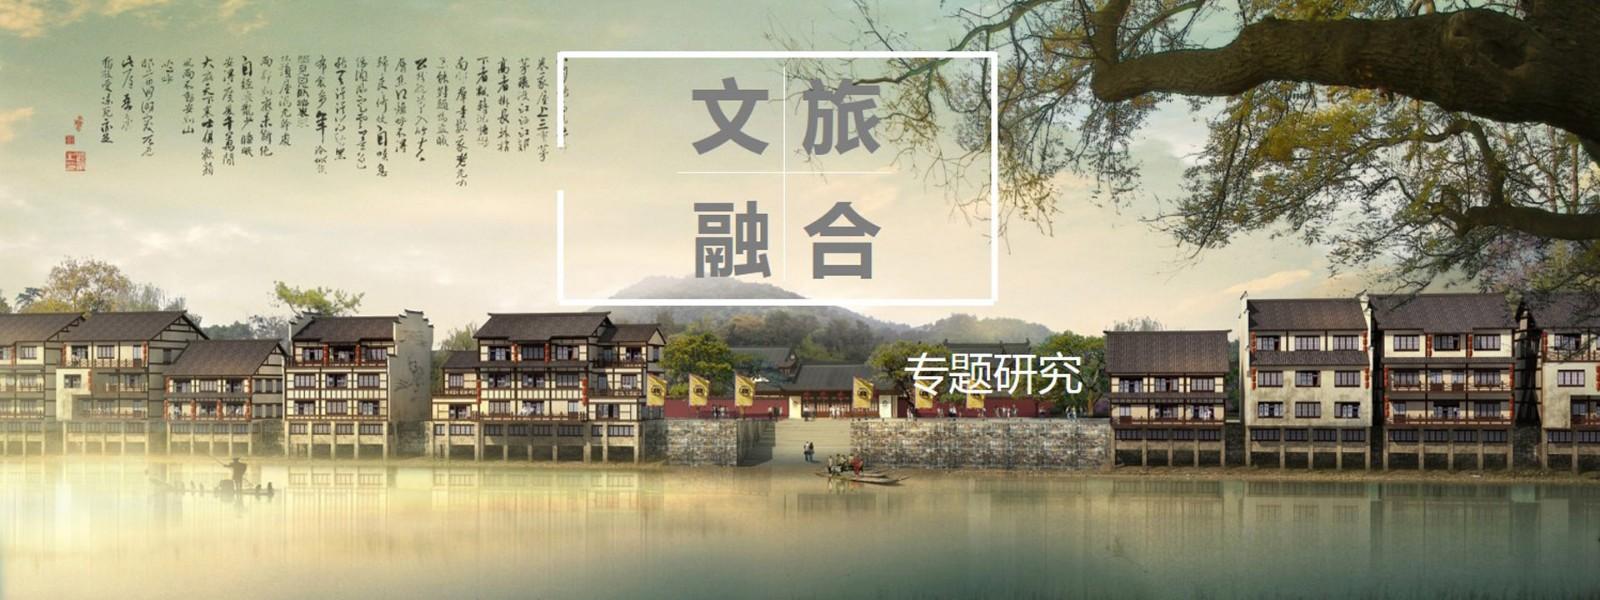 夏杰长,徐金海:以数字化推动文旅产业融合发展